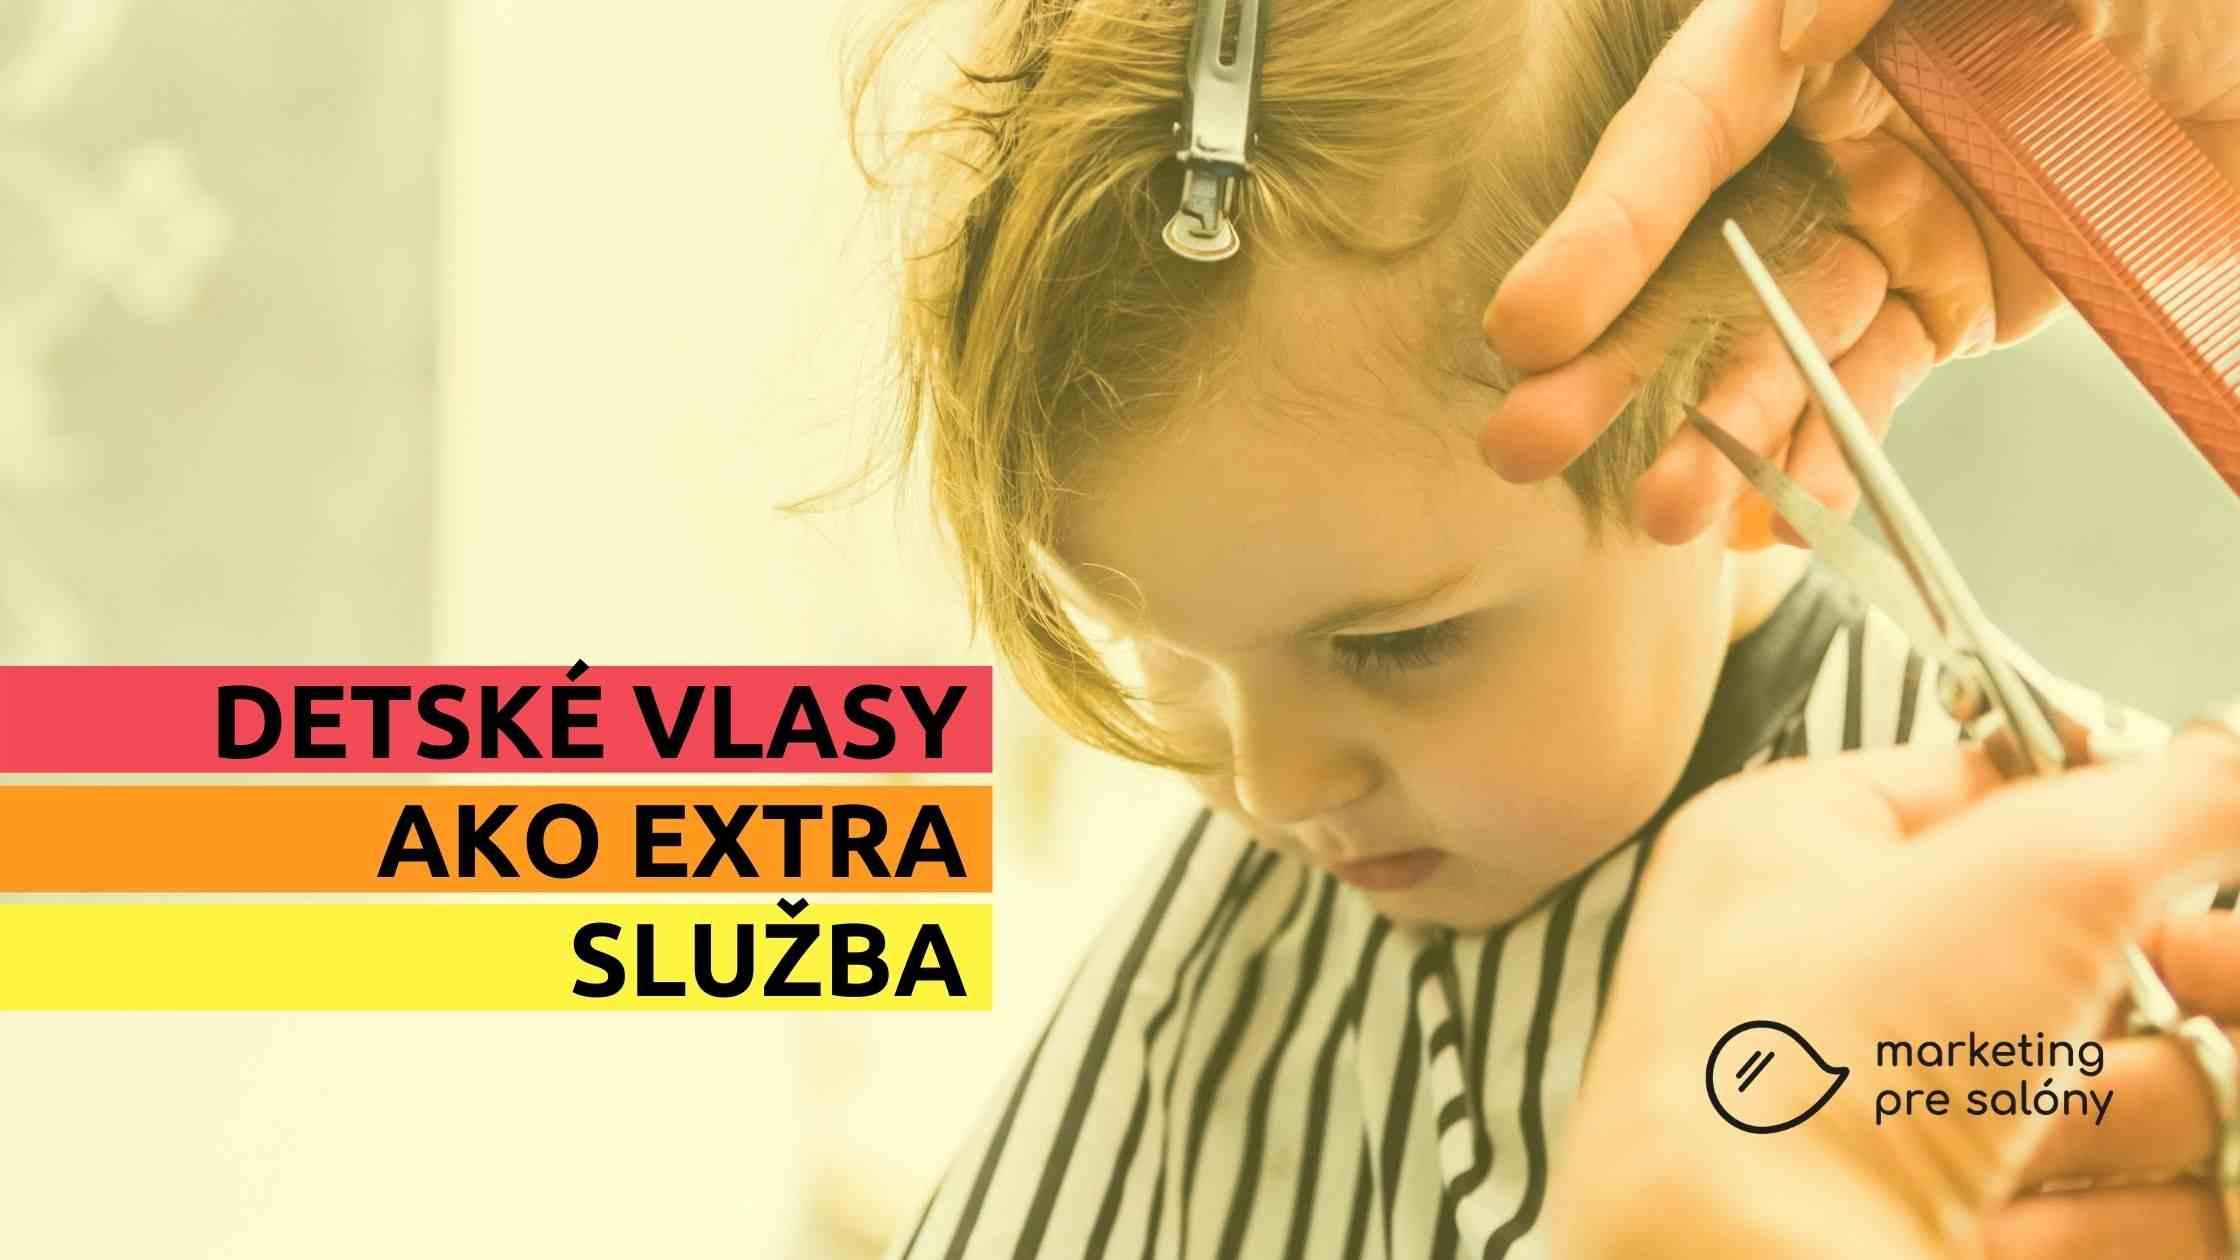 Detské vlasy môžu byť cenené ako extra služba